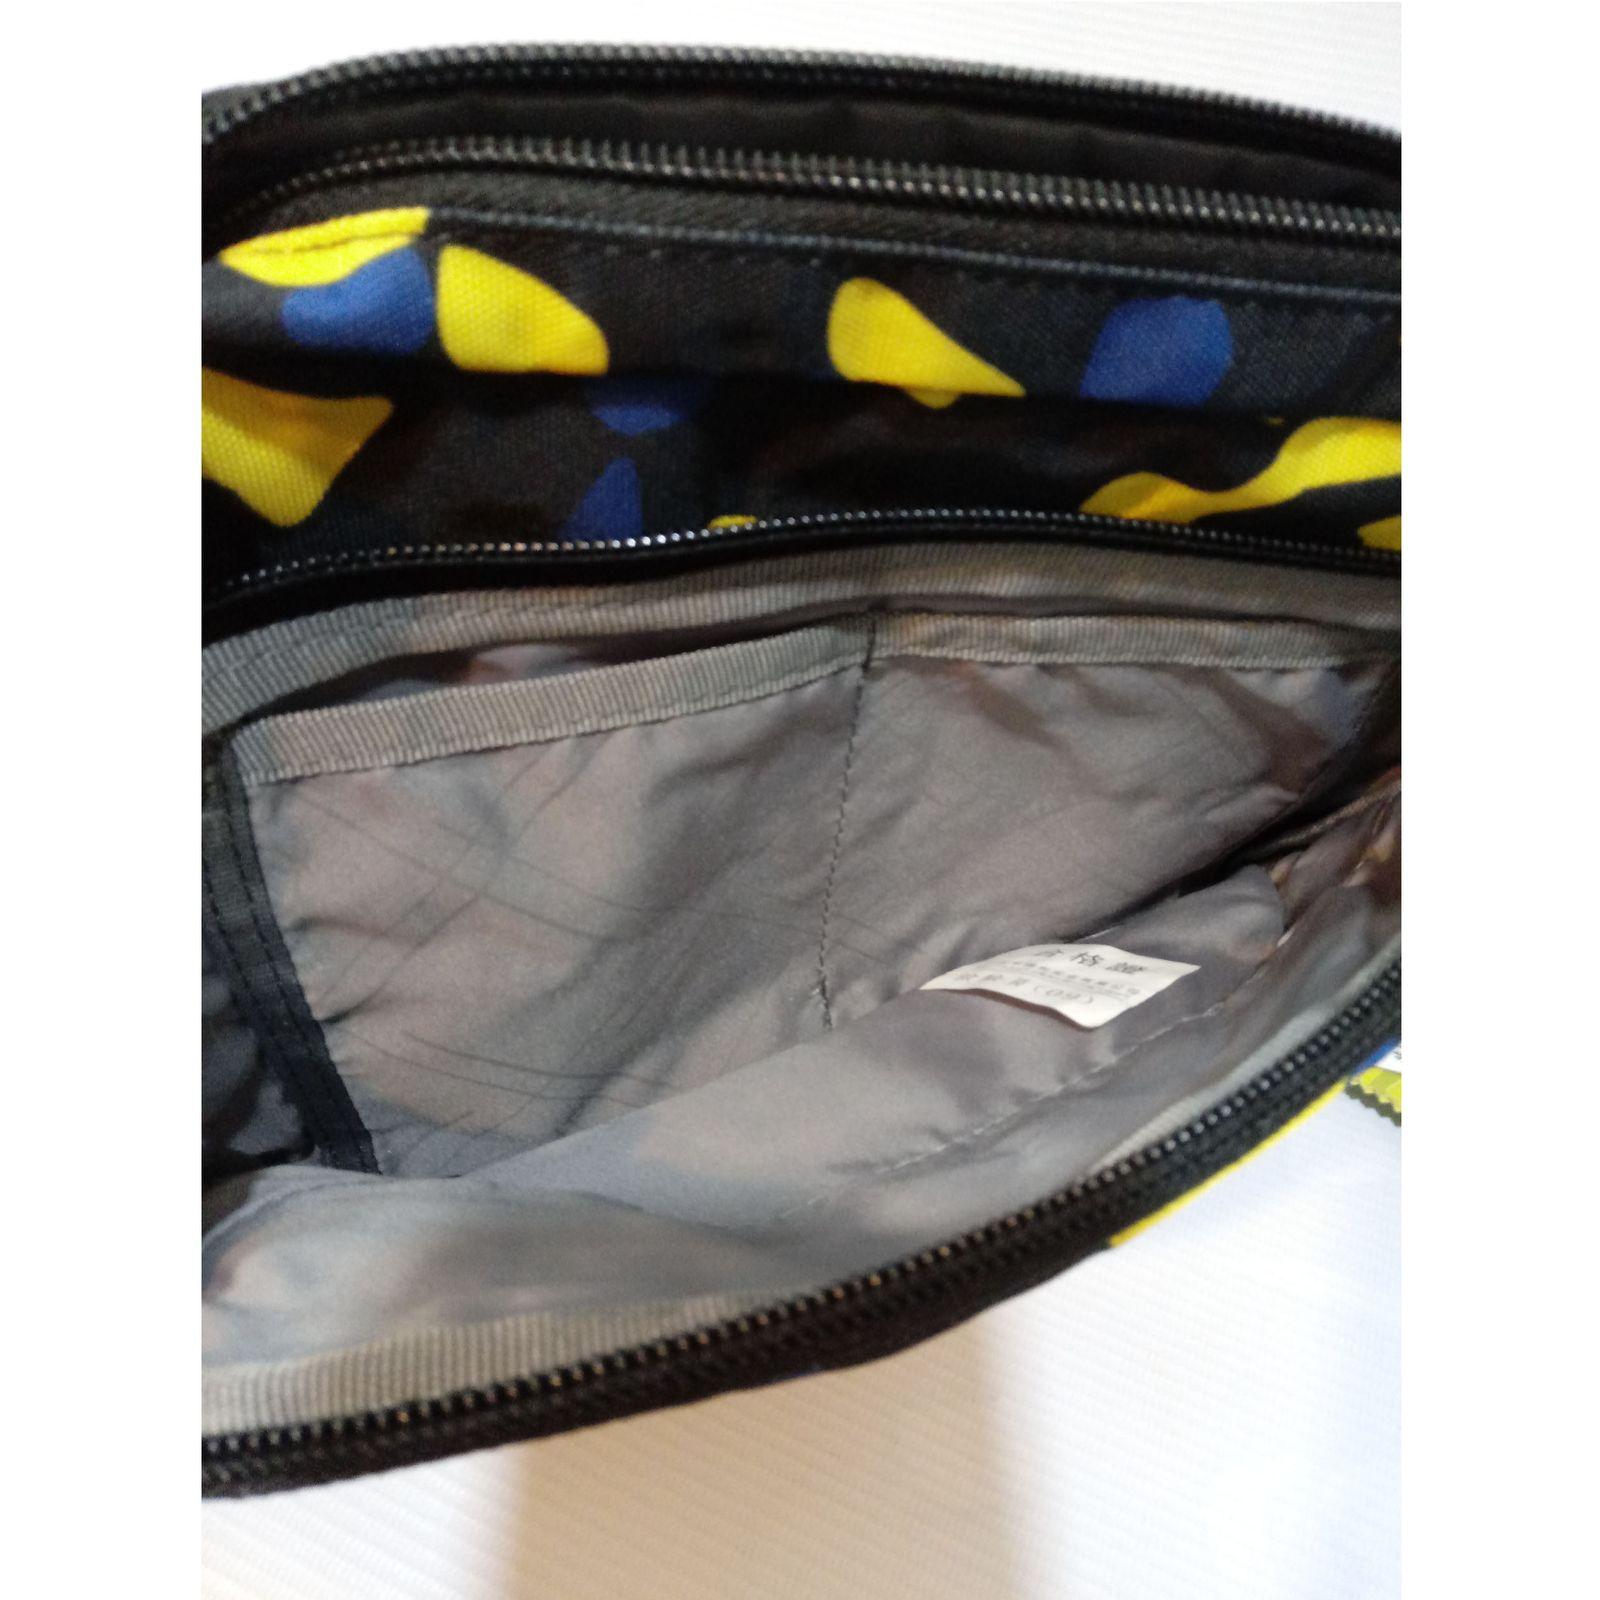 کیف رو دوشی هندری مدل 08 -  - 6